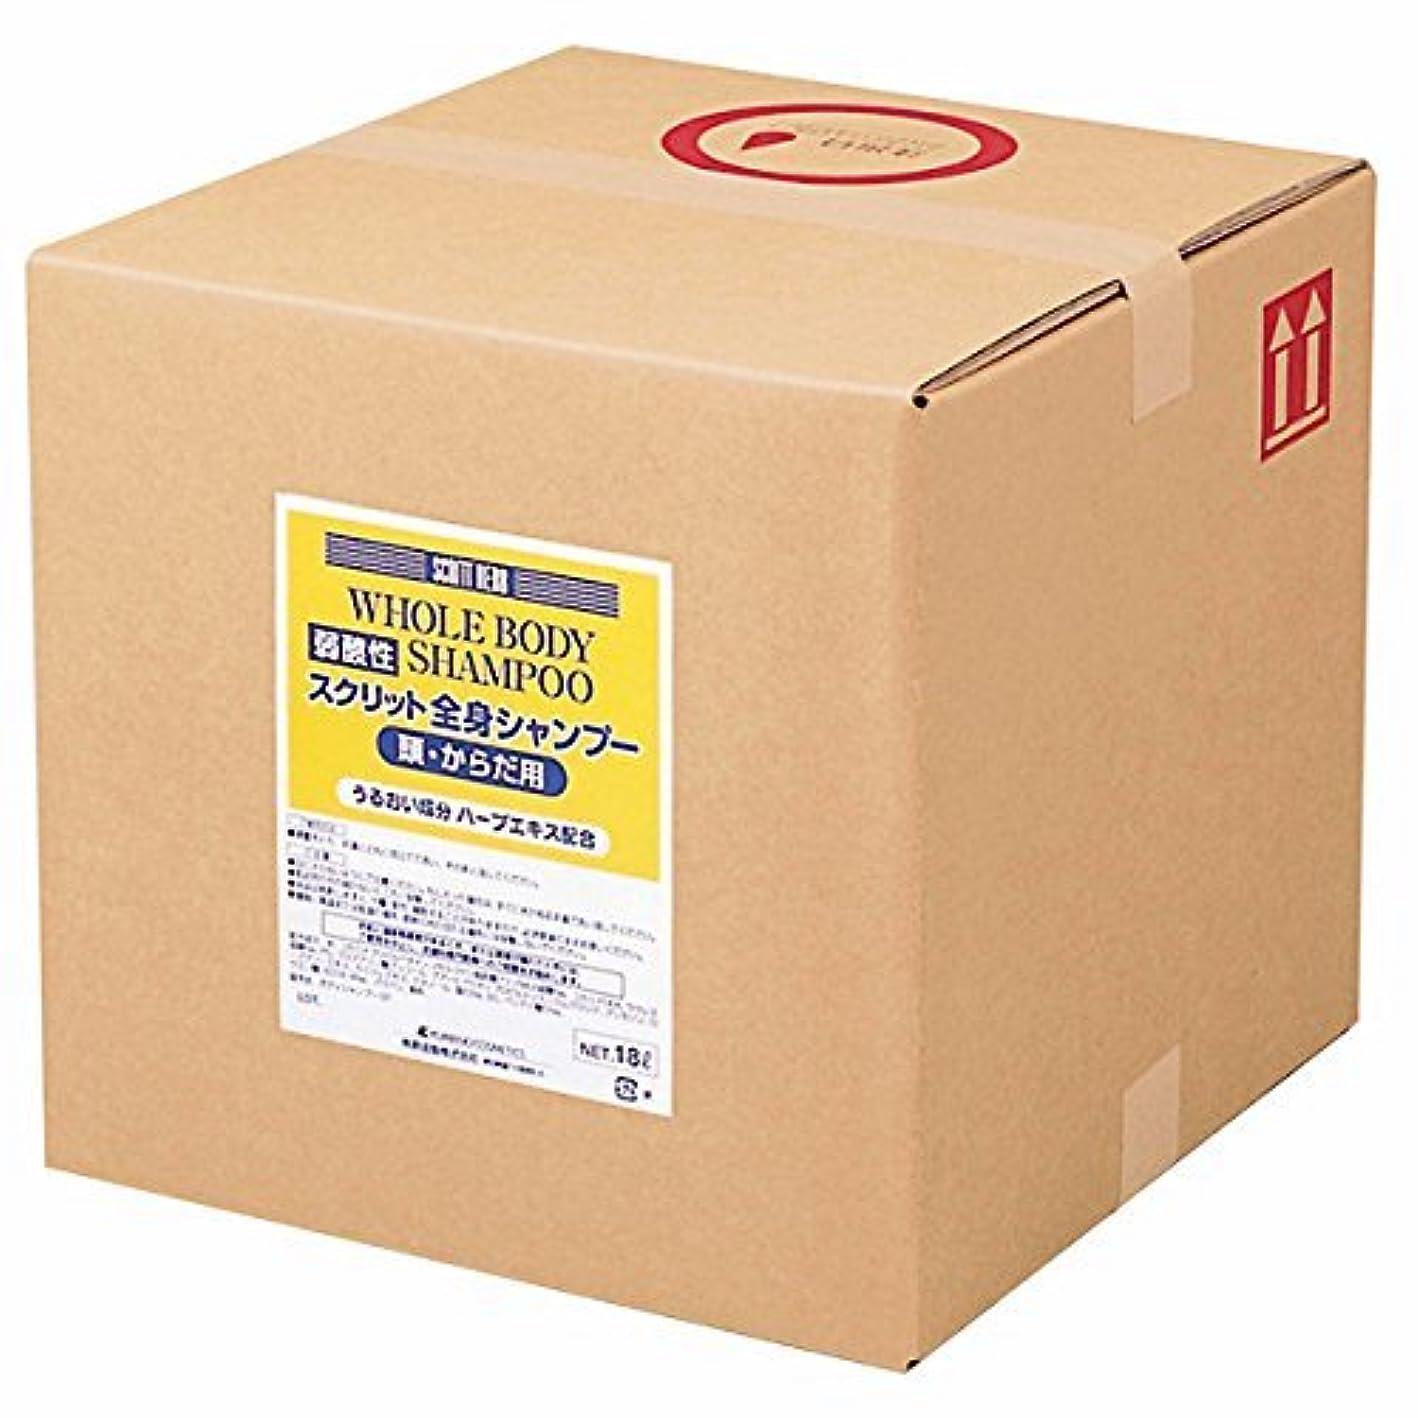 吐く行列グリーンランド熊野油脂 業務用 SCRITT(スクリット) 全身シャンプー 18L